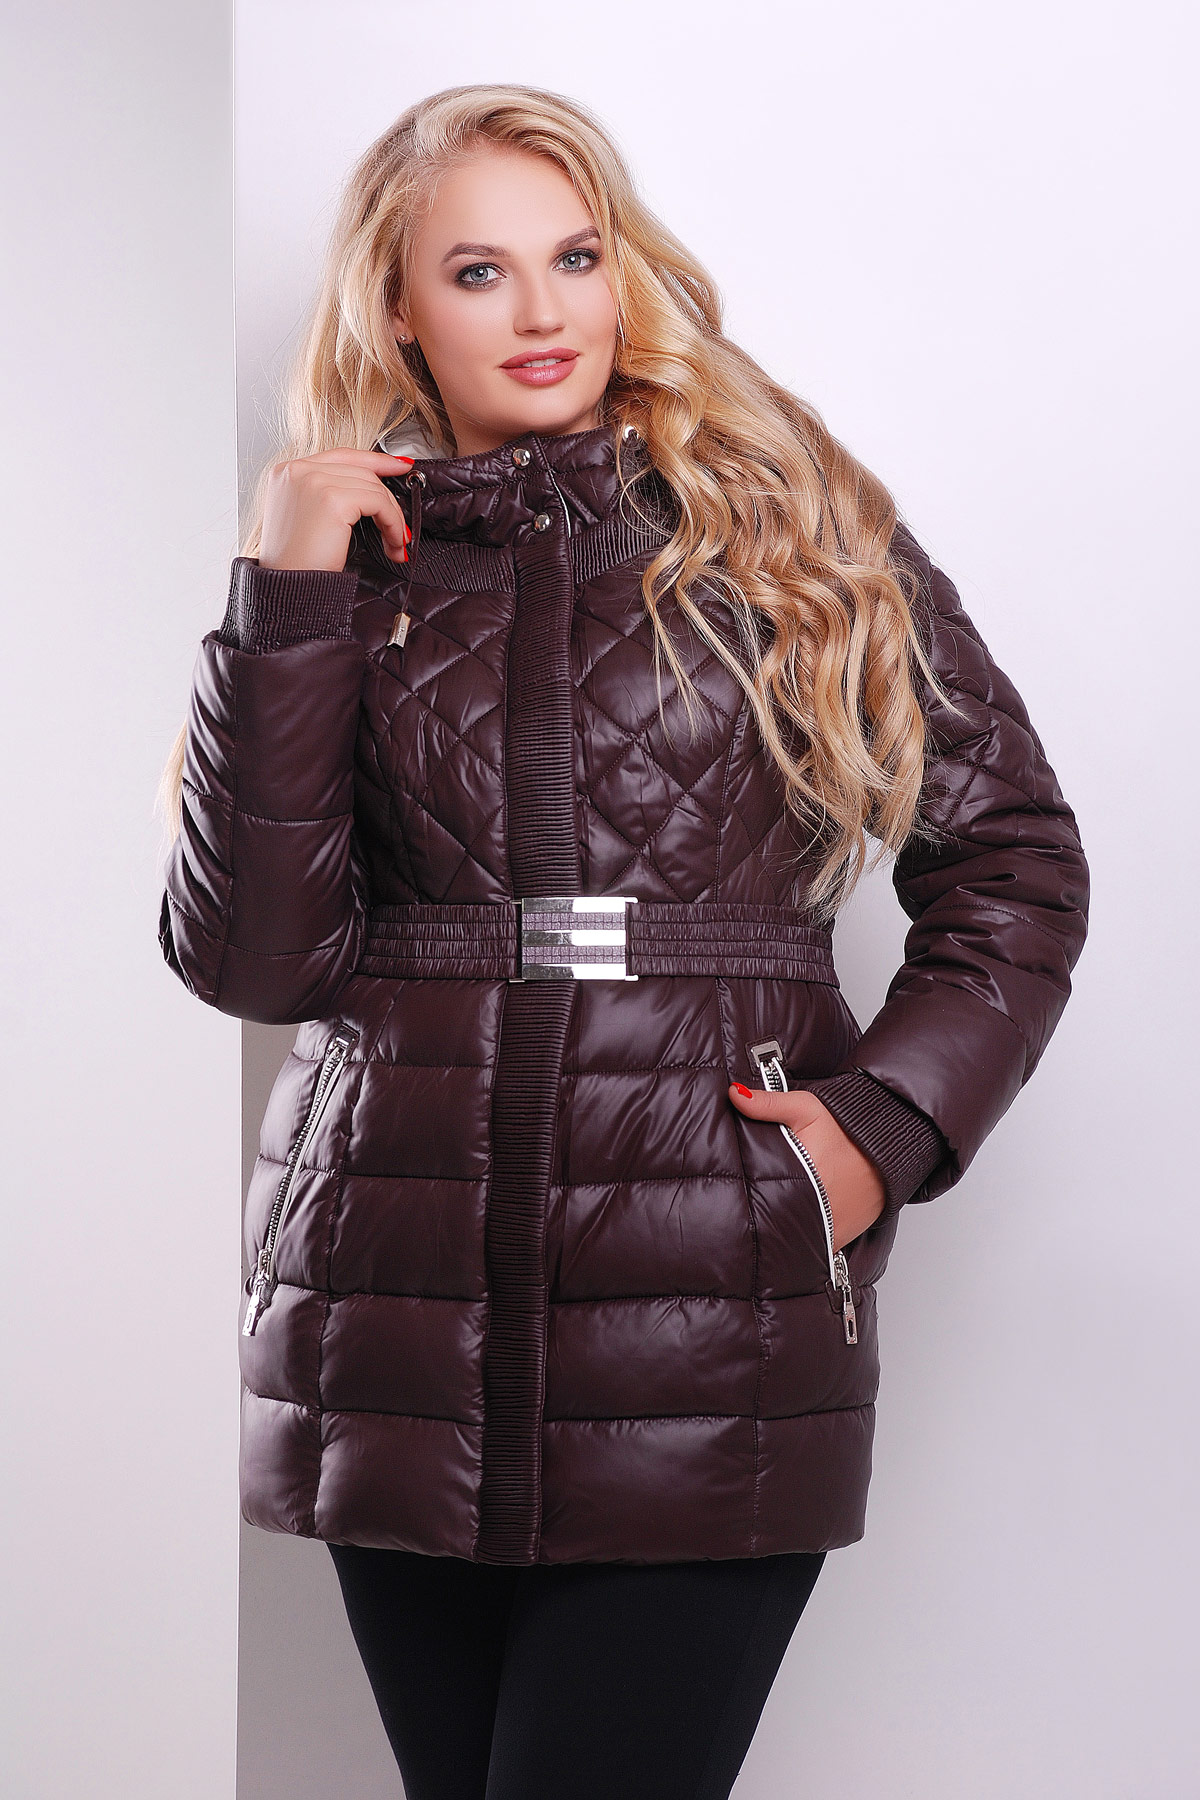 Купить Куртку 52 Размера Женскую